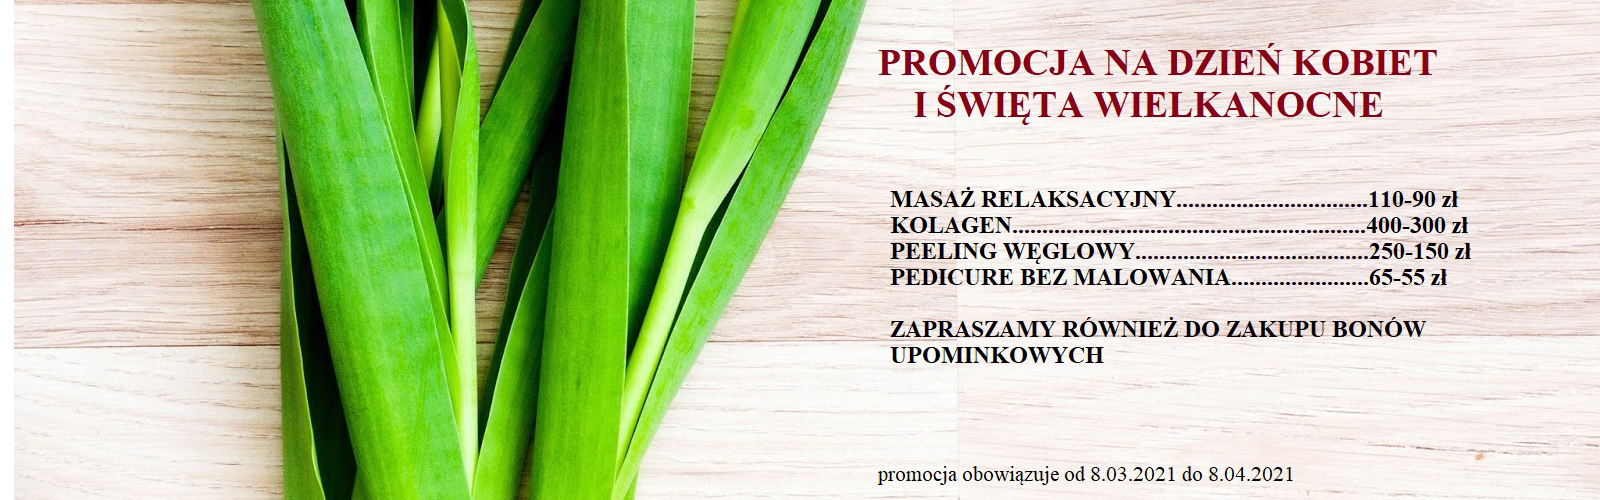 prom-marzec-kwiecień-2021